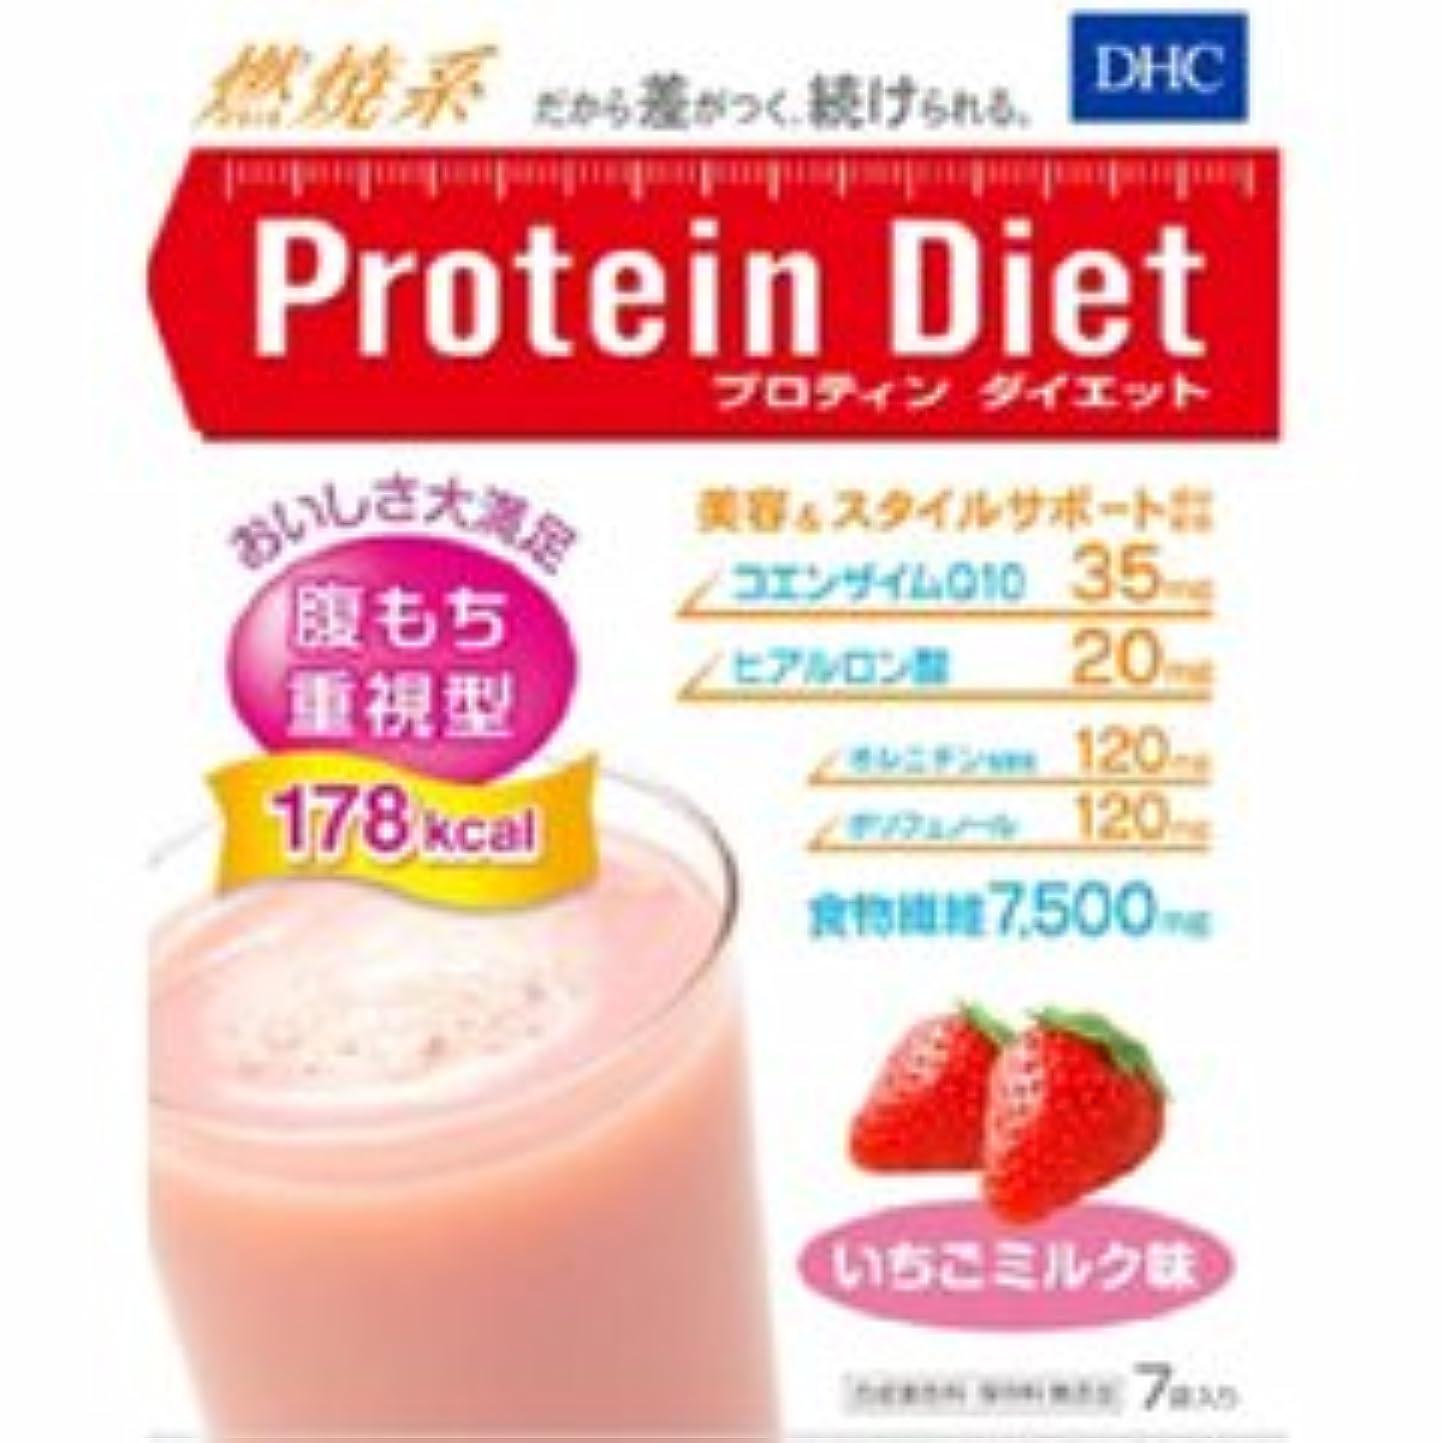 ひも品アフリカDHCの健康食品 プロティンダイエット いちごミルク味 50g×7袋 【DHC】